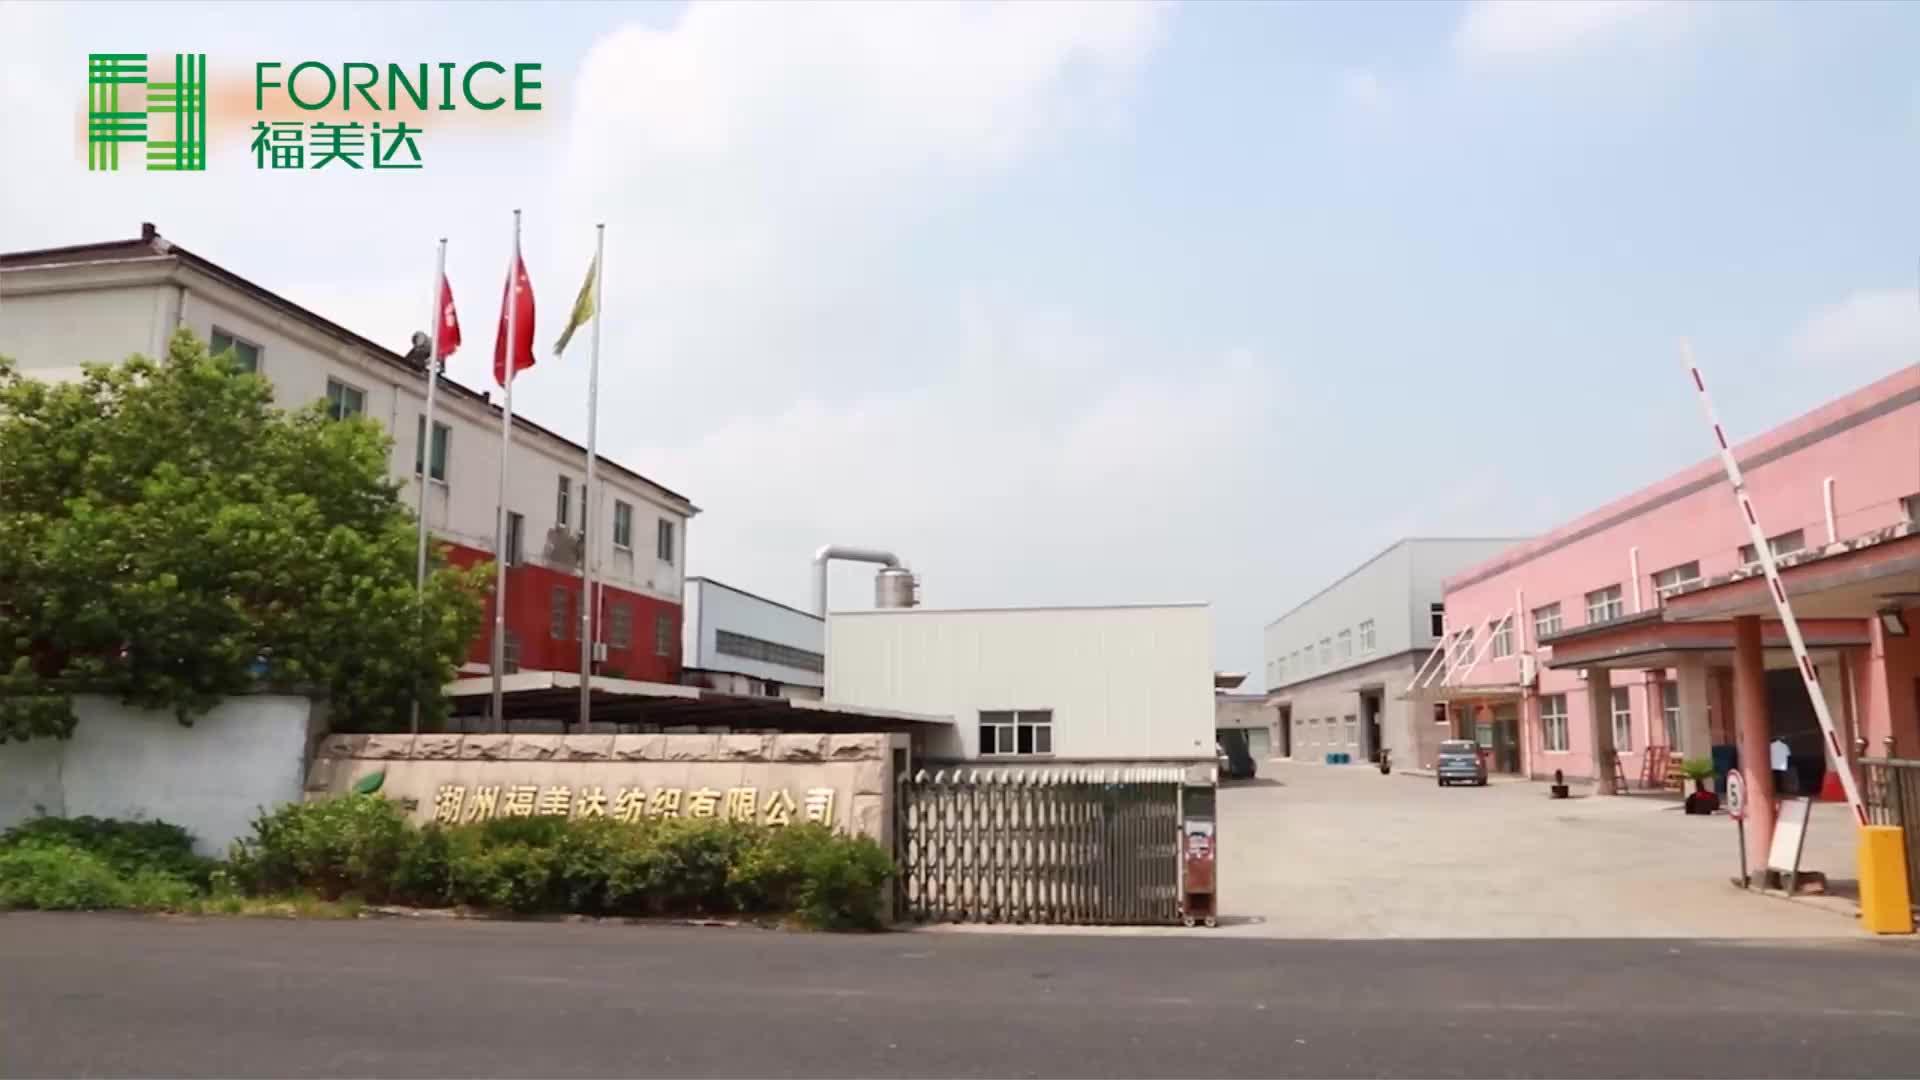 סין סיטונאי 100% פוליאסטר עיוות סרוג בולט שחום קטיפה יוקרה דובאי בד ריפוד ספה